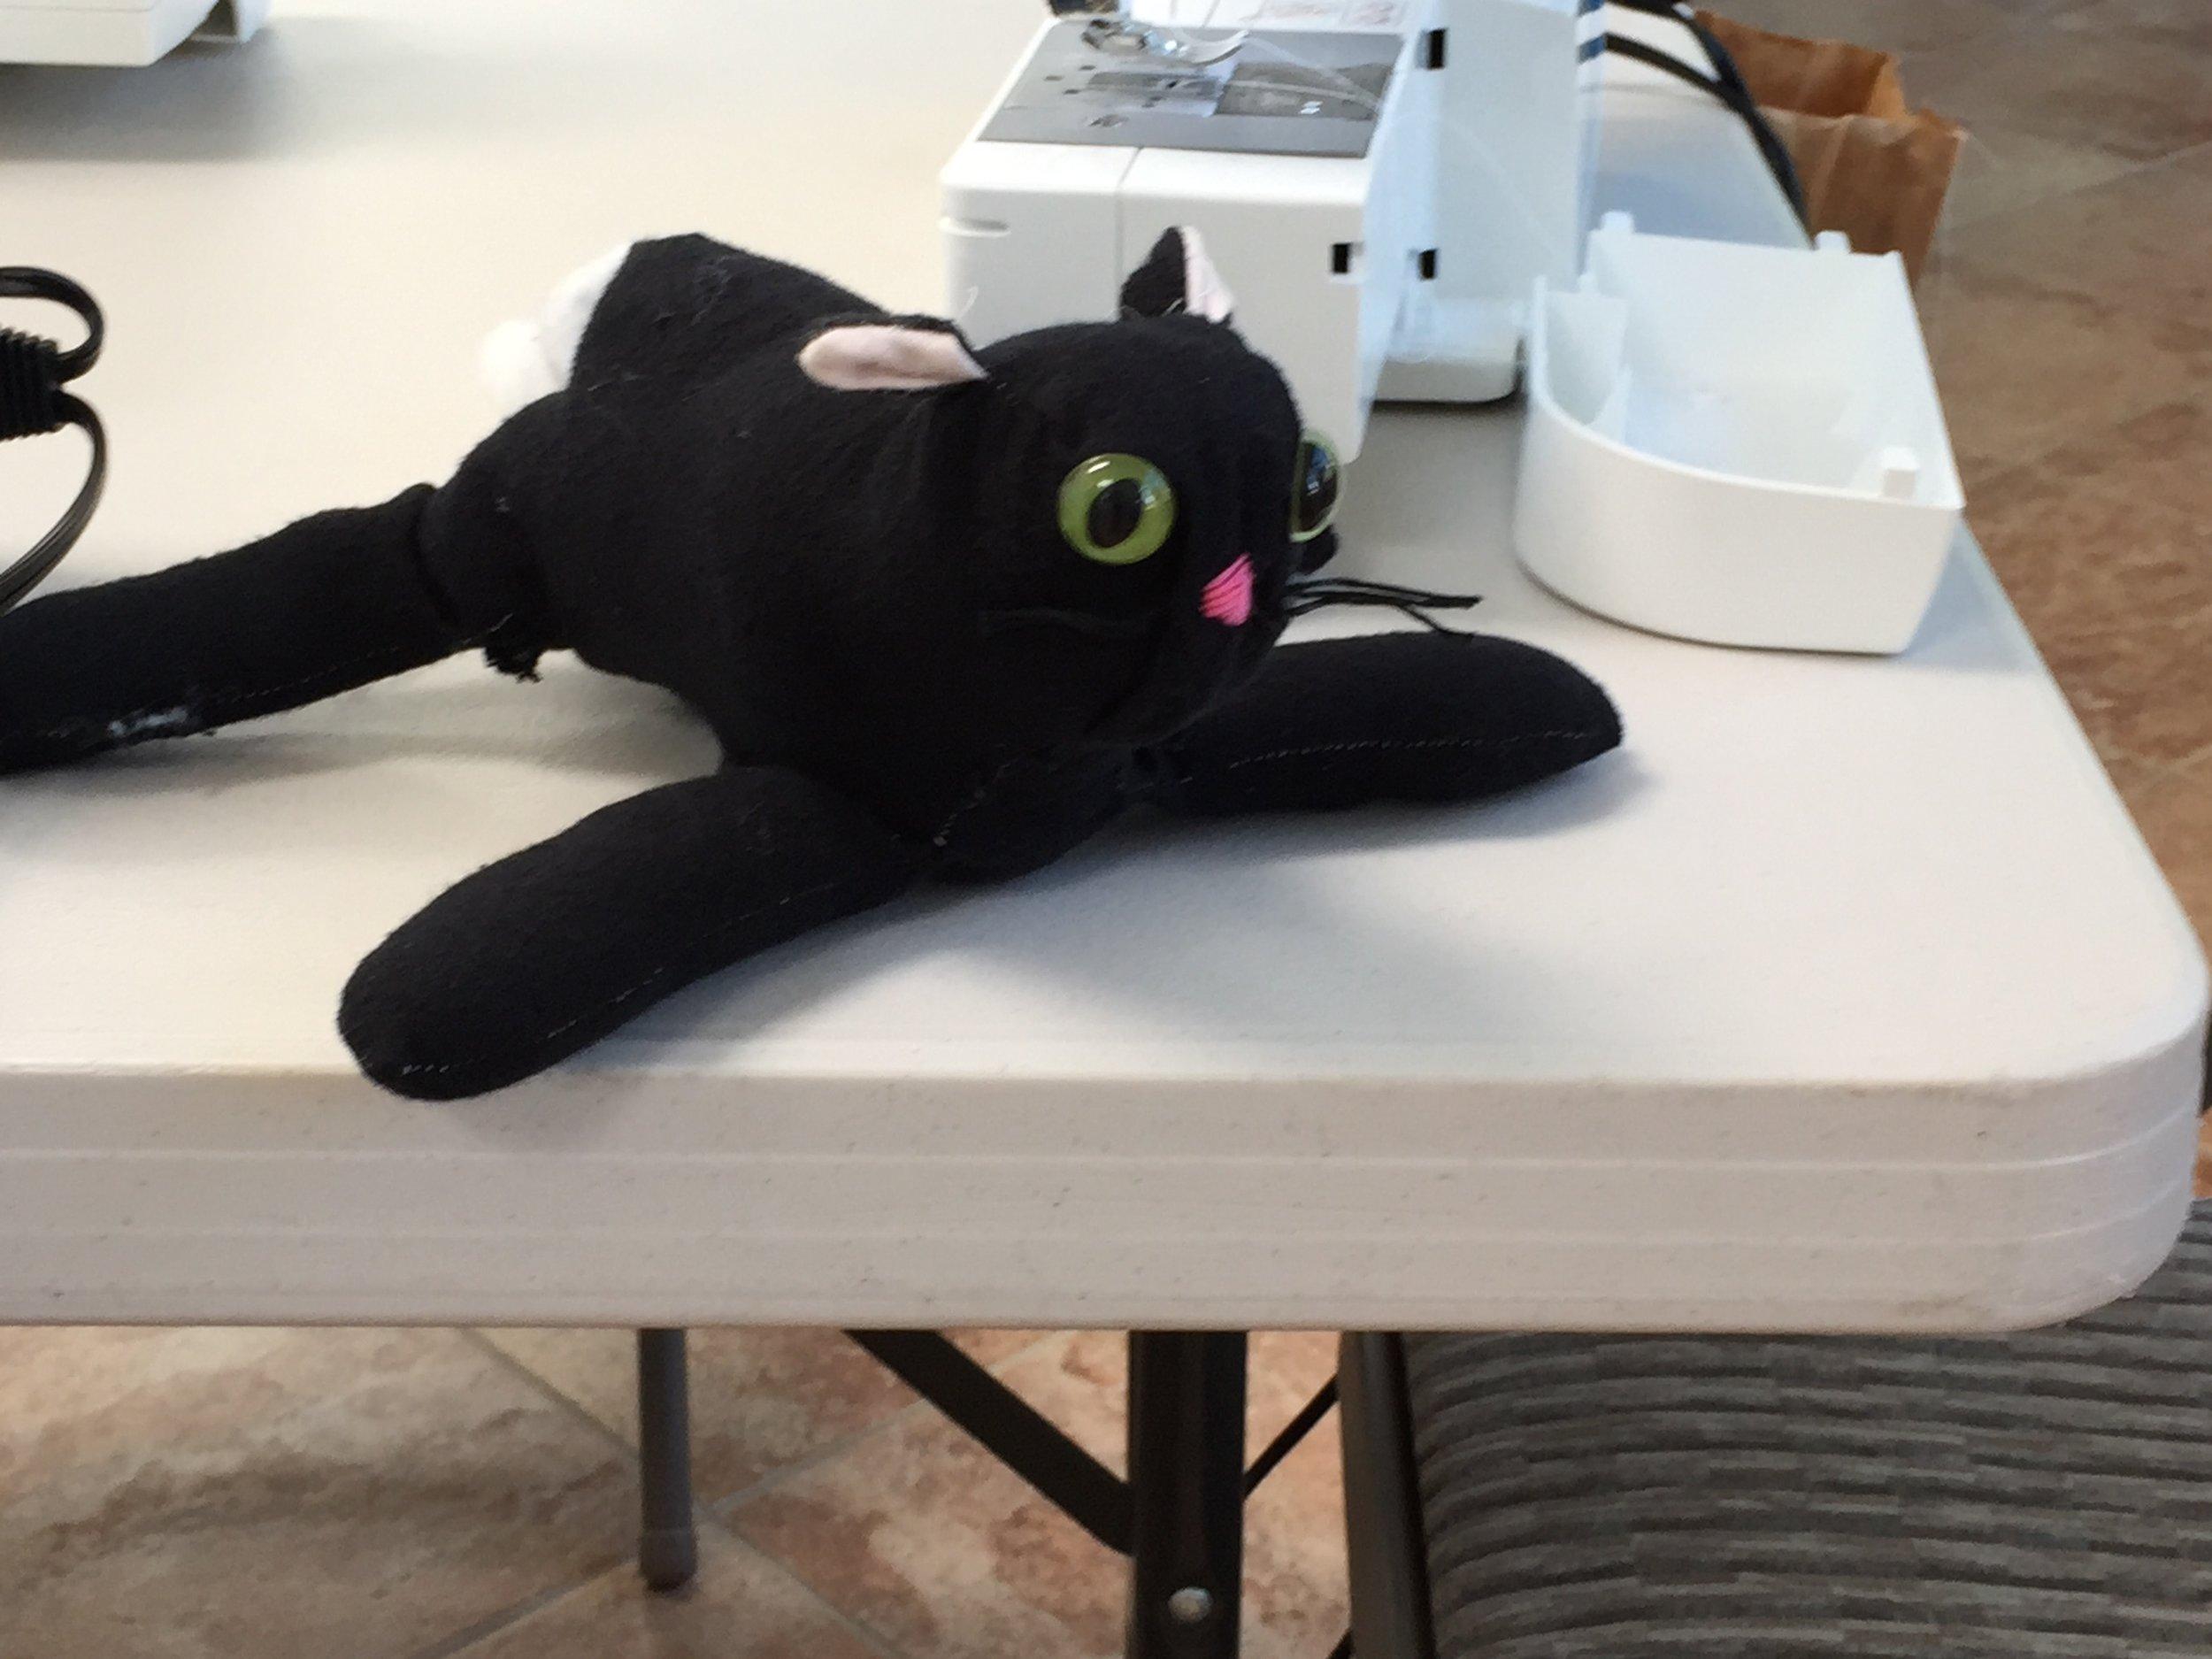 Side view of kitten.